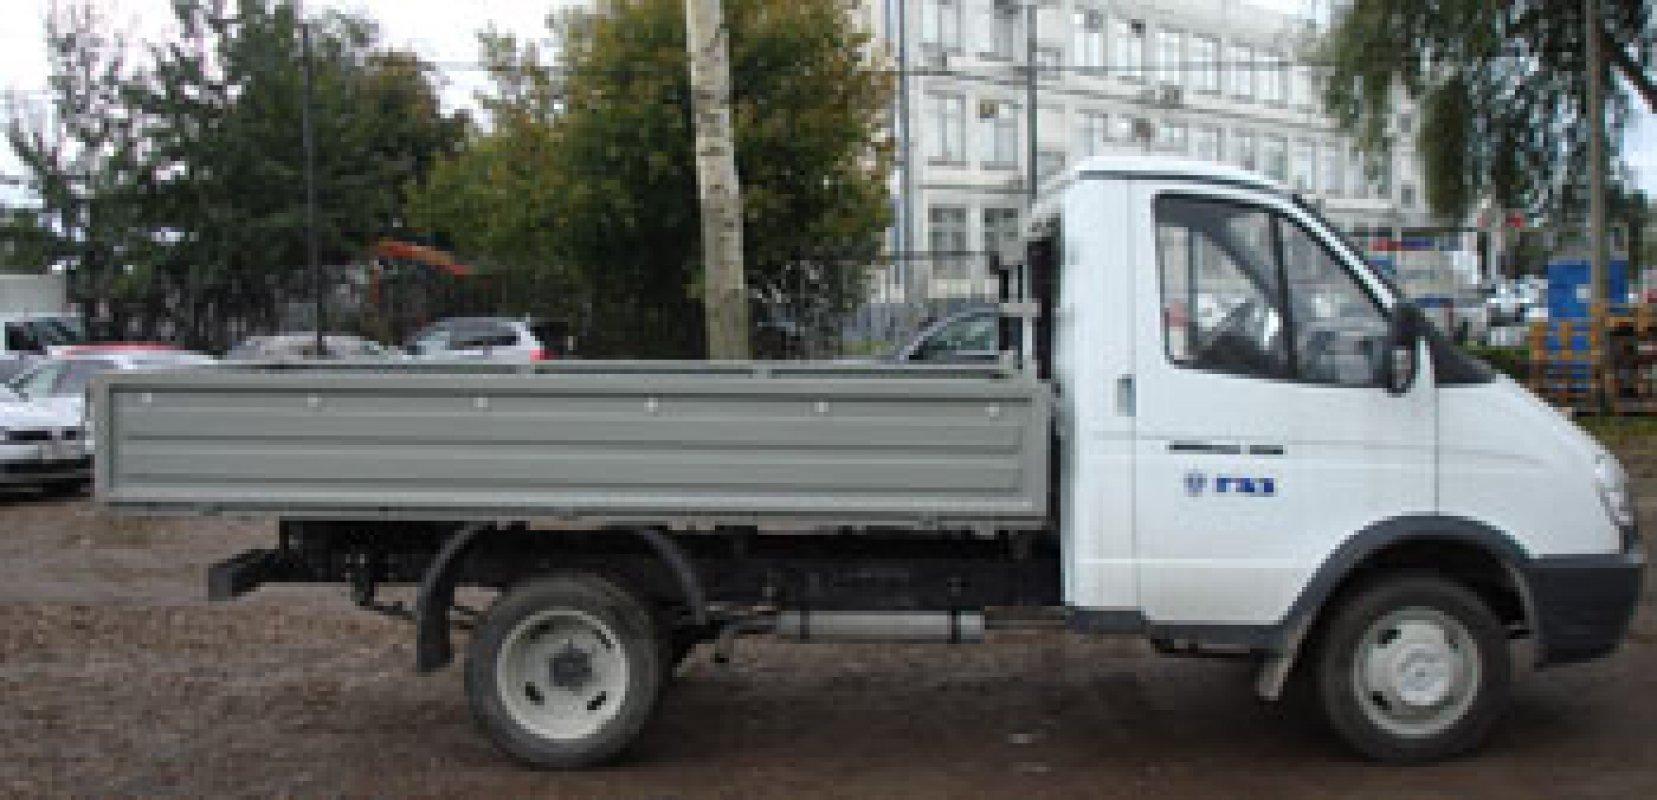 Газель (грузовик, фургон) Услуги и аренда автомобиля Газель заказать или взять в аренду, цены, предложения компаний